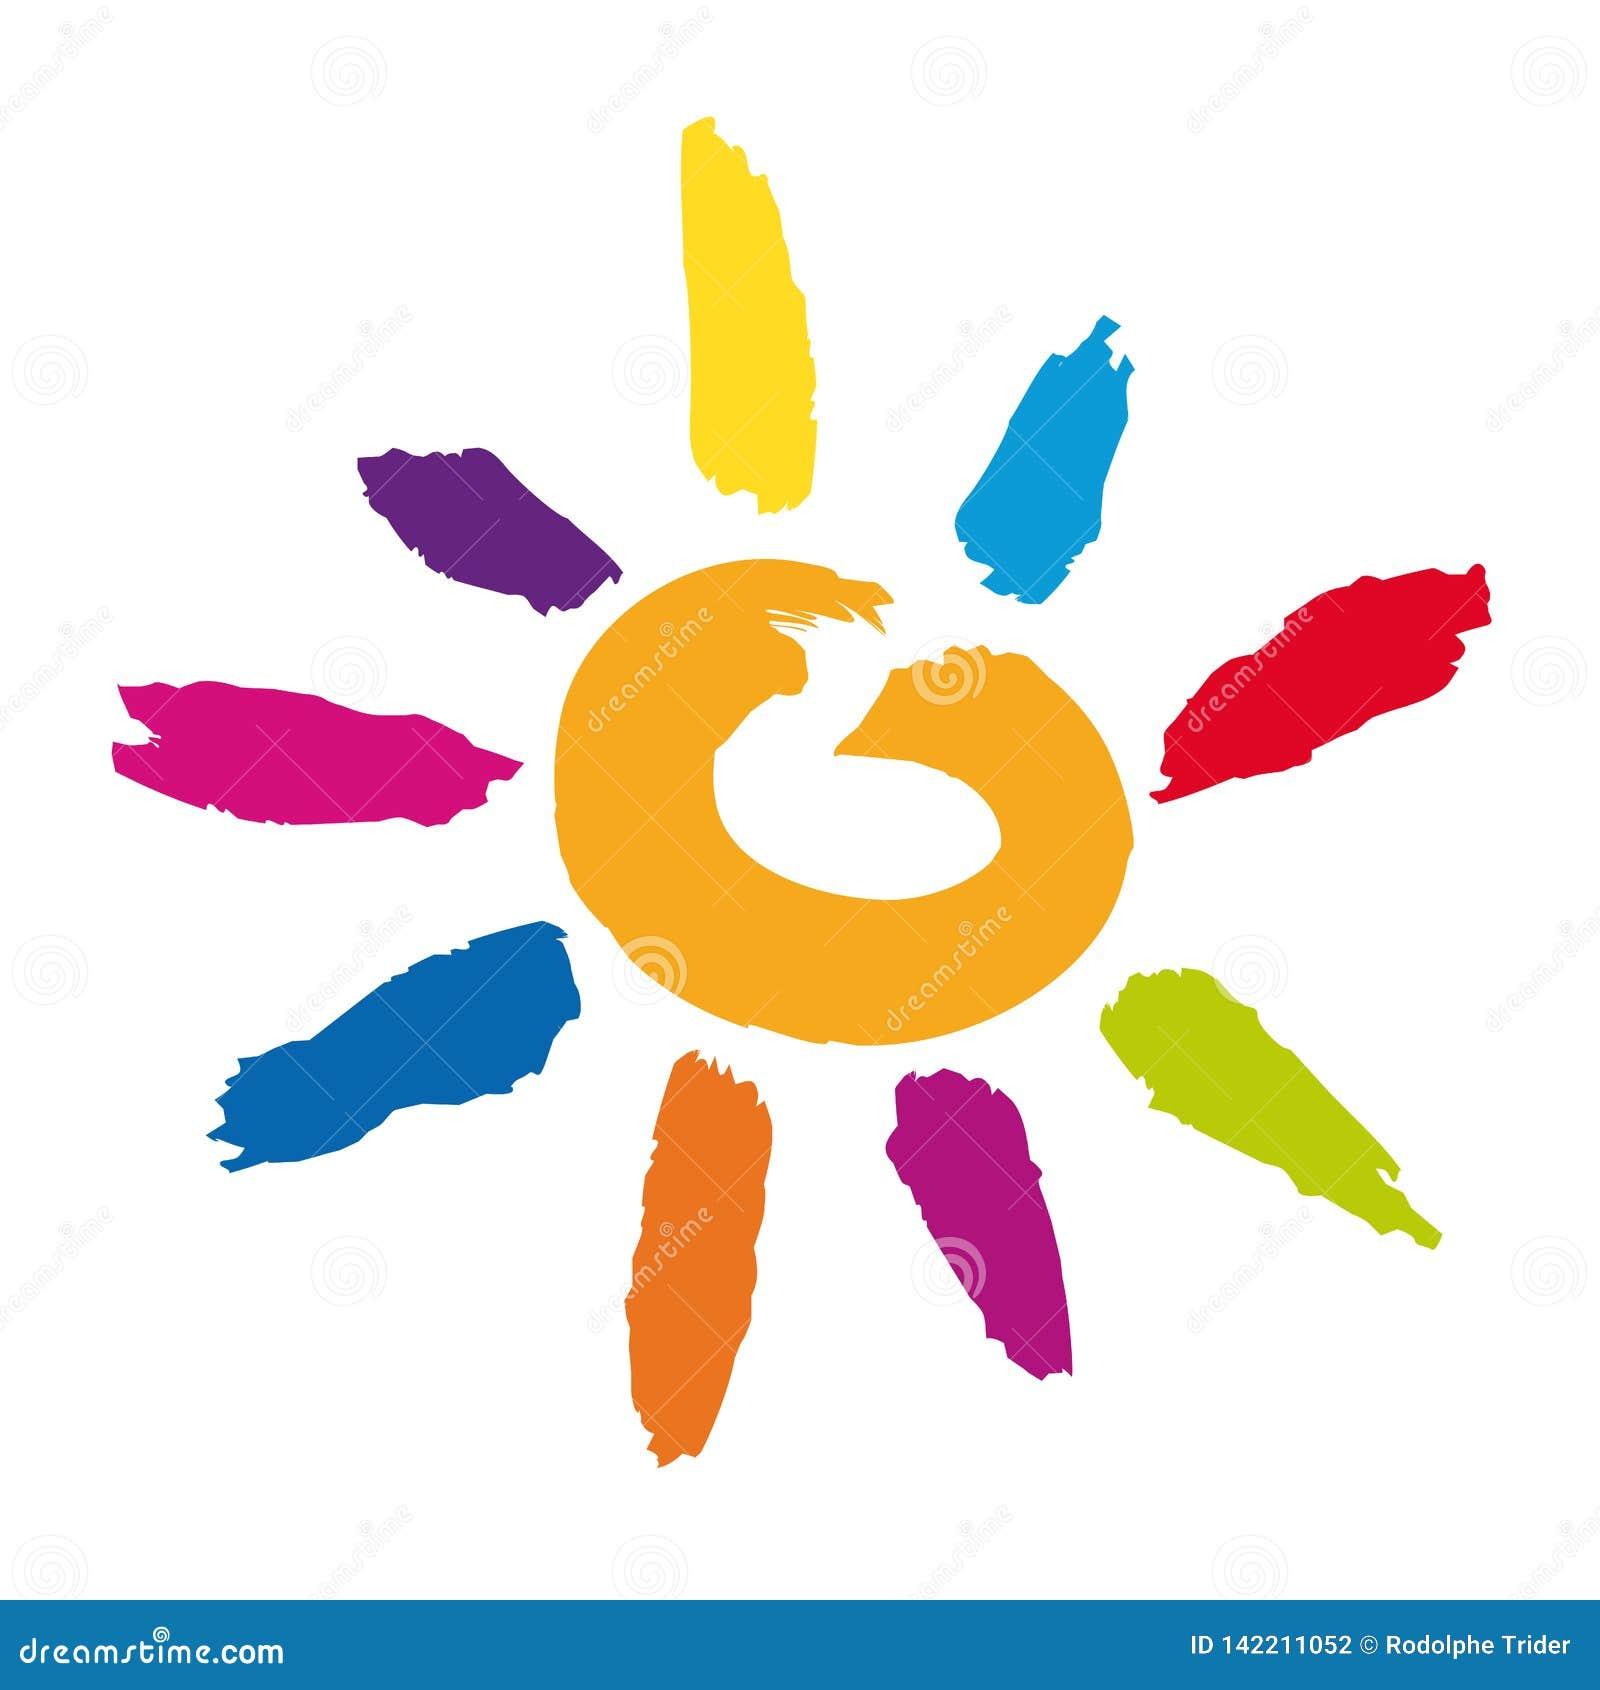 Ένας πολύχρωμος ήλιος υπό μορφή εικονιδίου για να συμβολίσει την ευτυχία